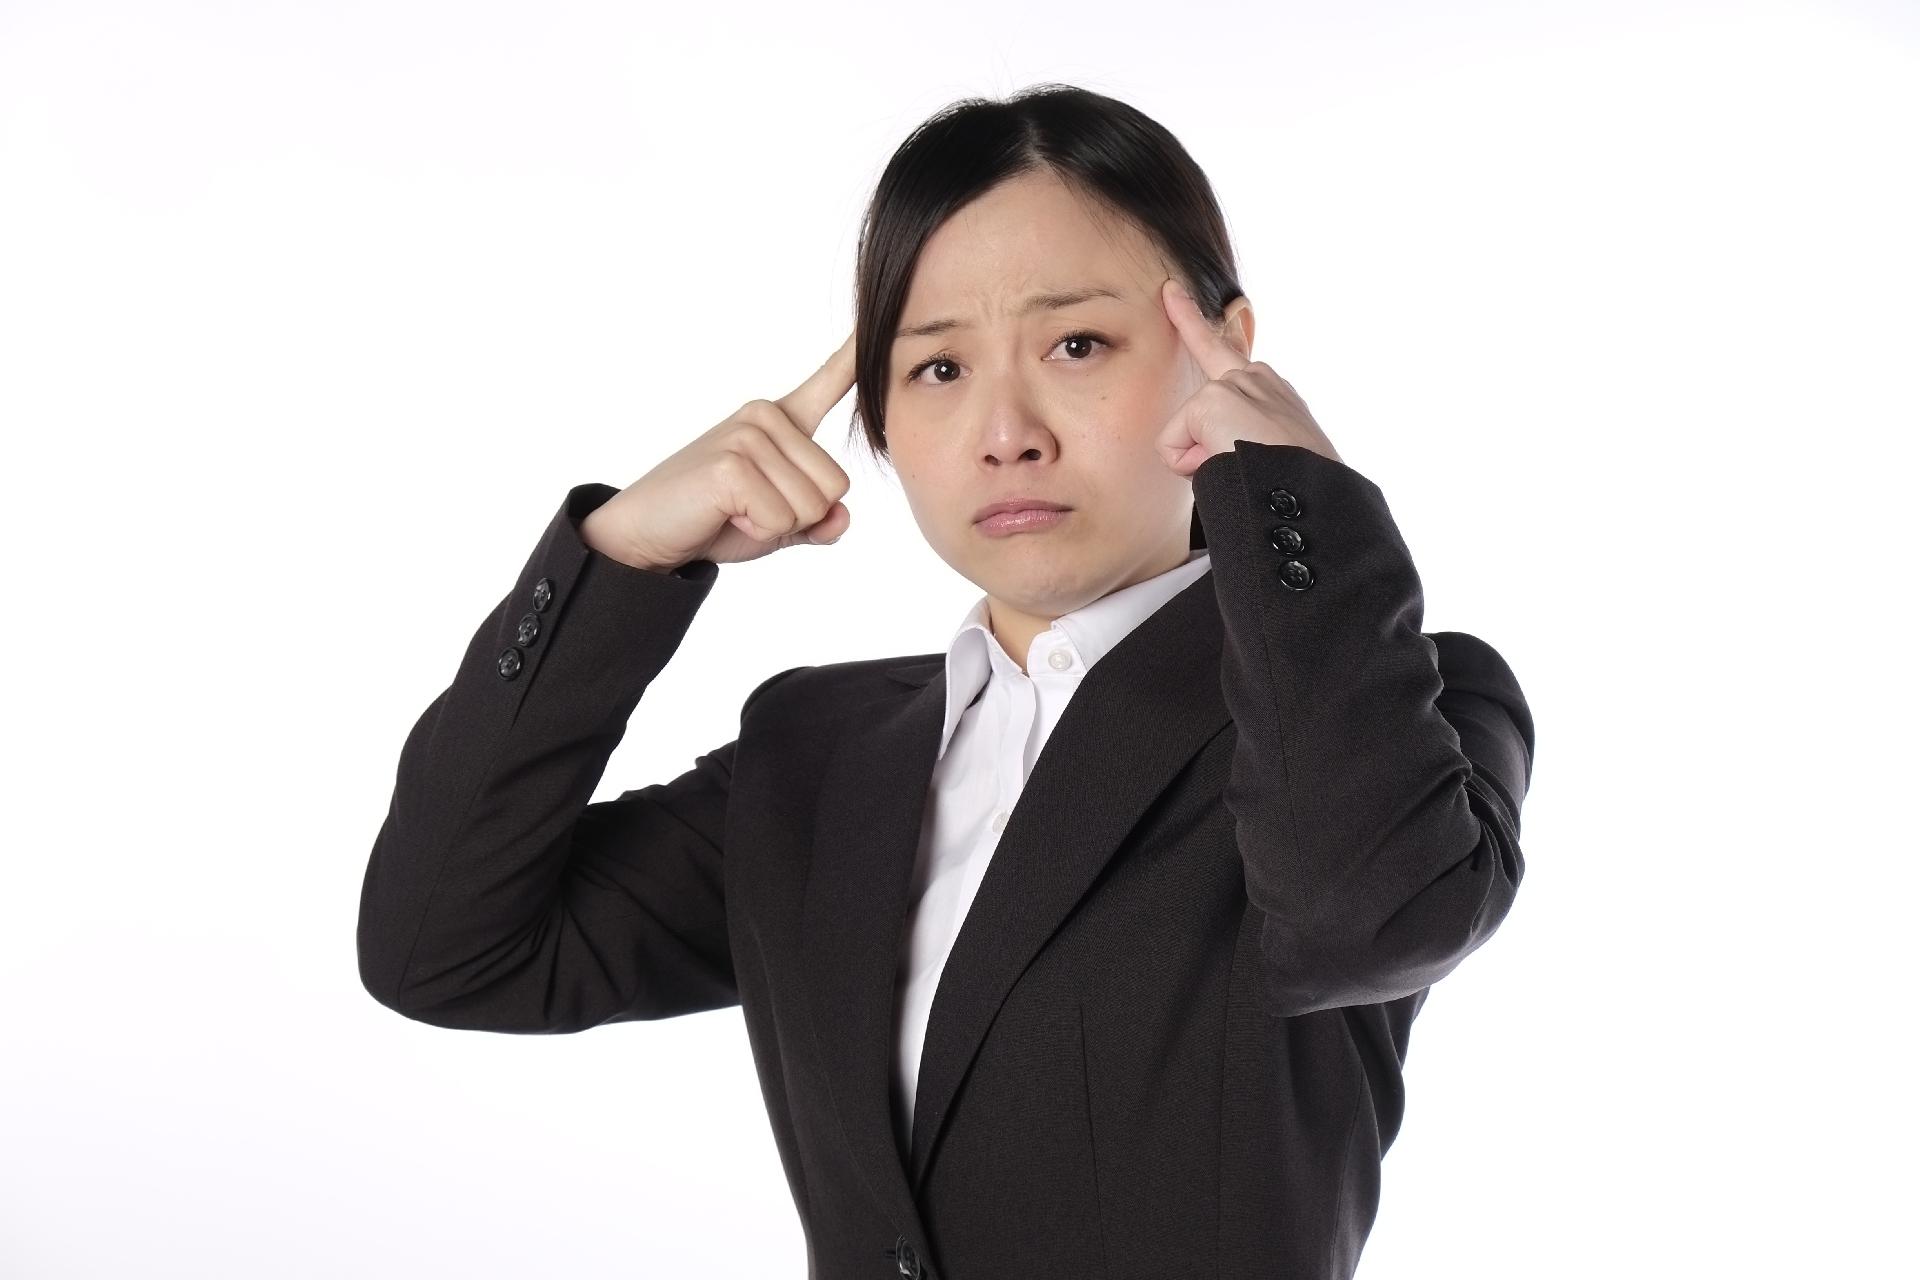 女性の職場の話